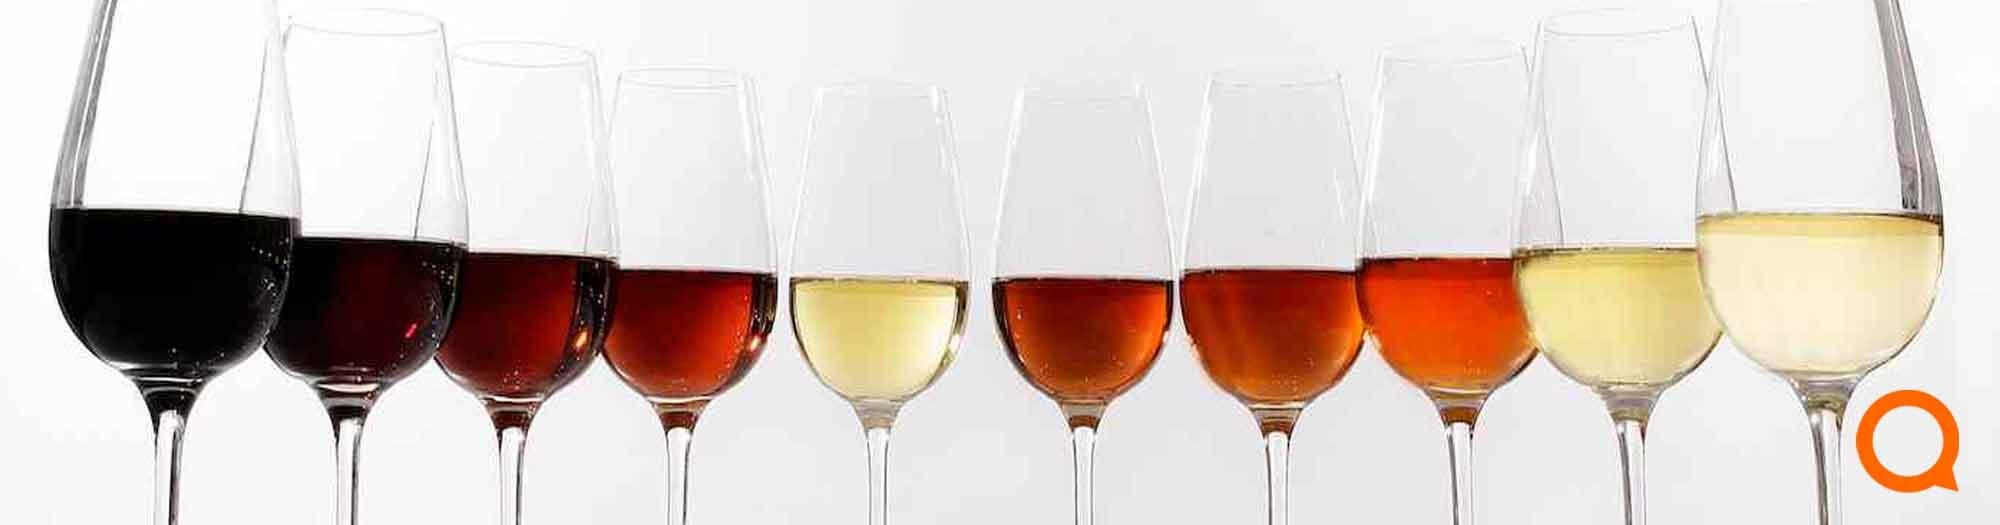 Zoete & Dessert wijn